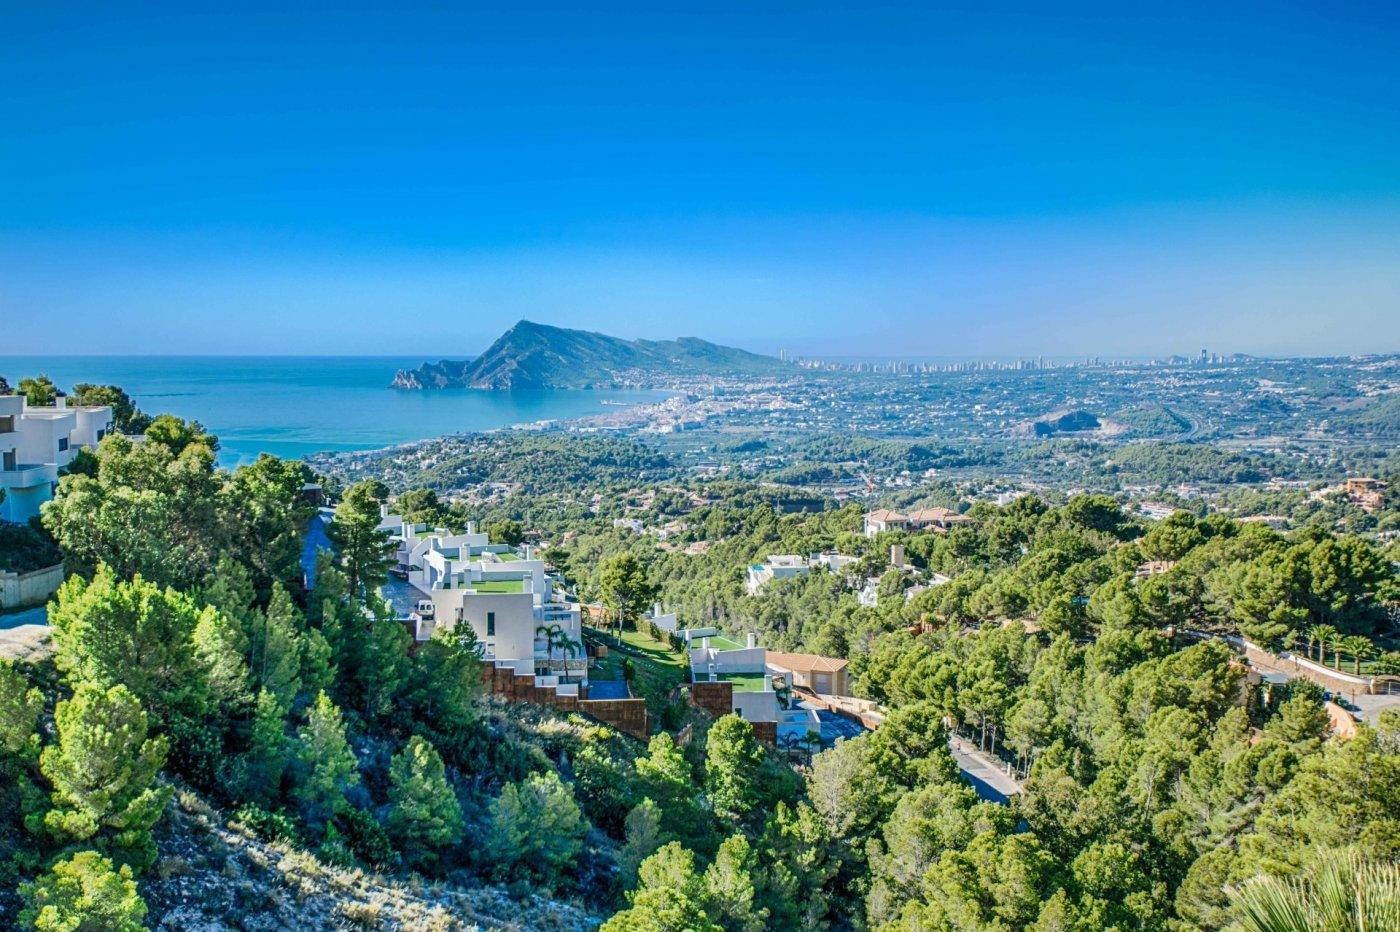 Maison de ville d'angle avec de superbes vues panoramiques sur la mer